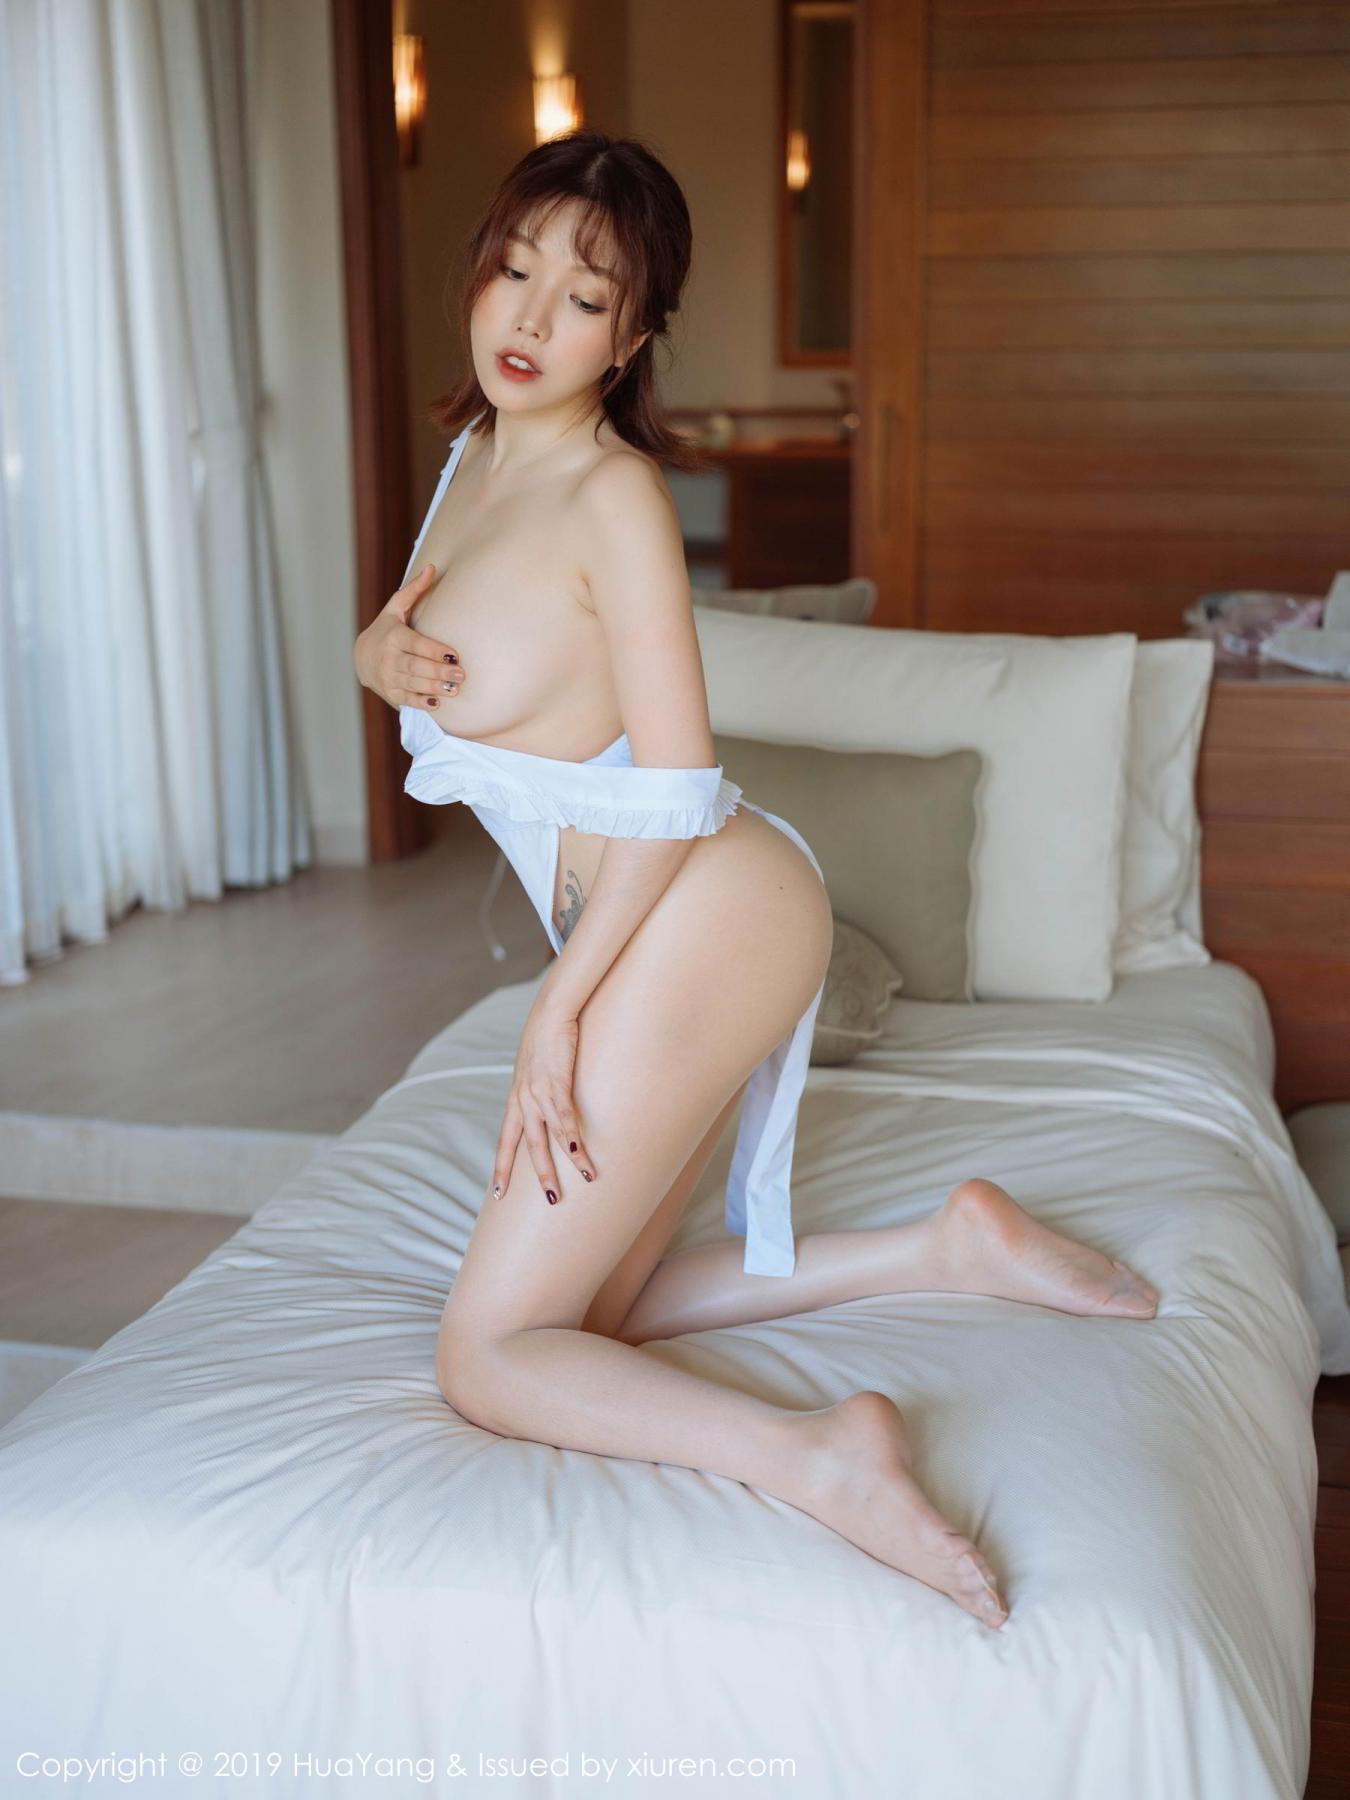 [Huayang] Vol.134 Huang Le Ran 29P, Huang Le Ran, HuaYang, Maid, Sexy